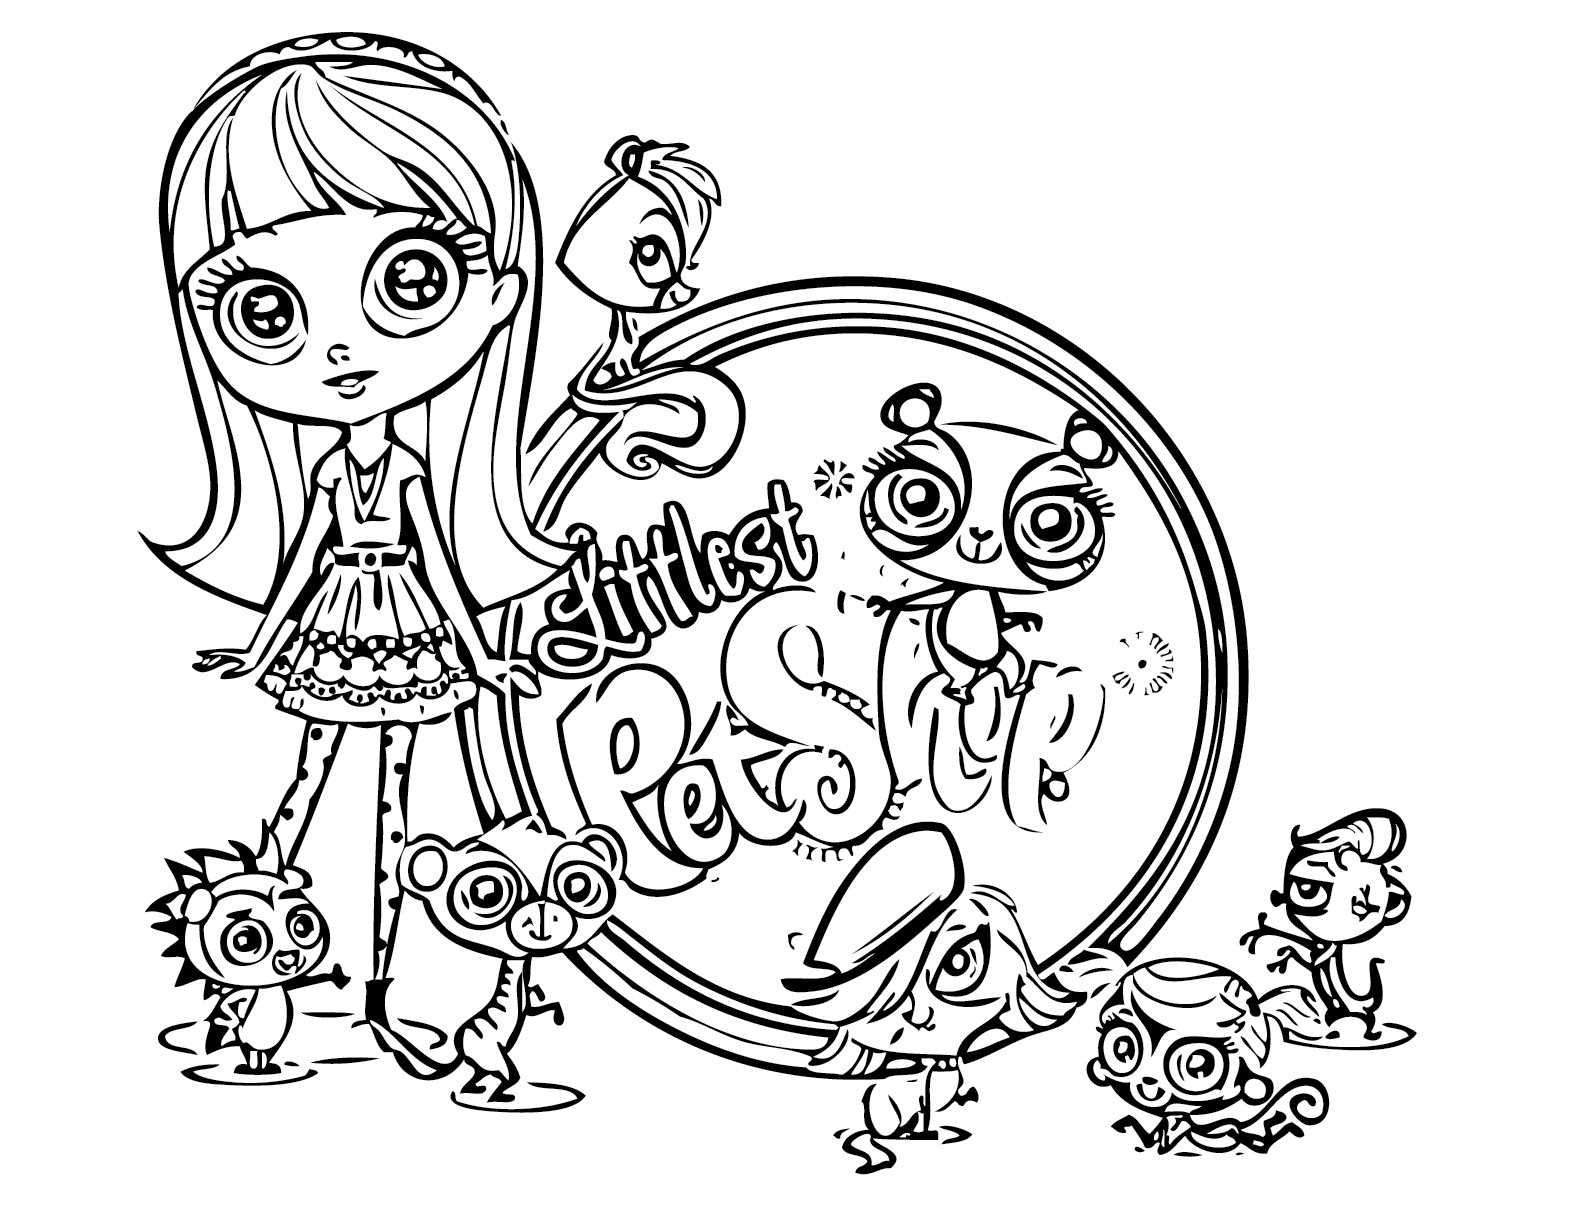 Littlest Pet Shop Coloring Pages - Best Coloring Pages For Kids - Littlest Pet Shop Free Printable Coloring Pages